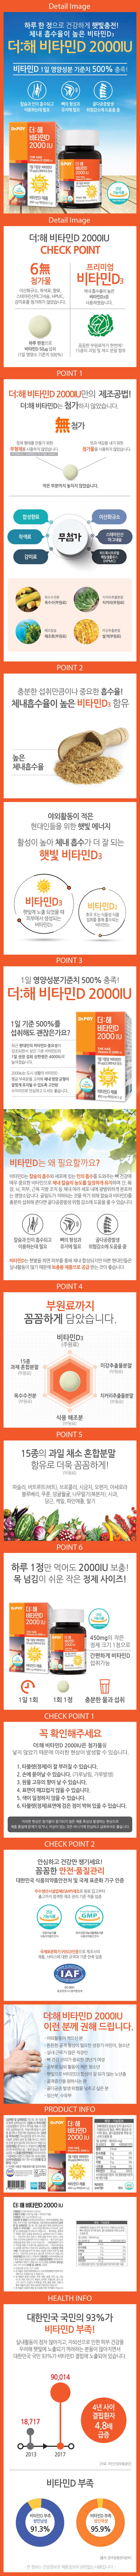 hanmi_vitamind_2000iu_detail.jpg